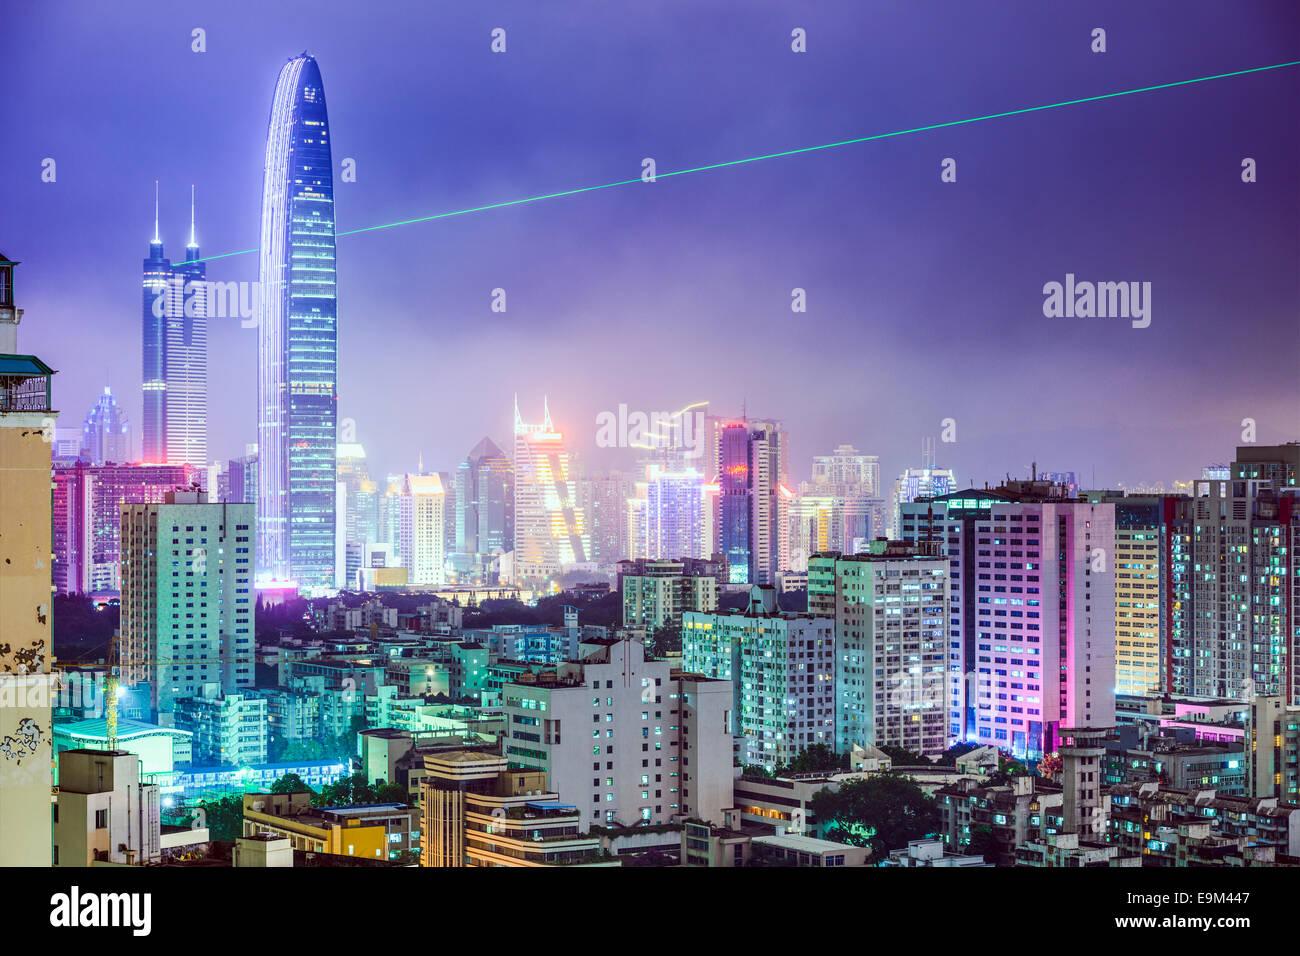 Shenzhen, Cina skyline della città di notte. Immagini Stock